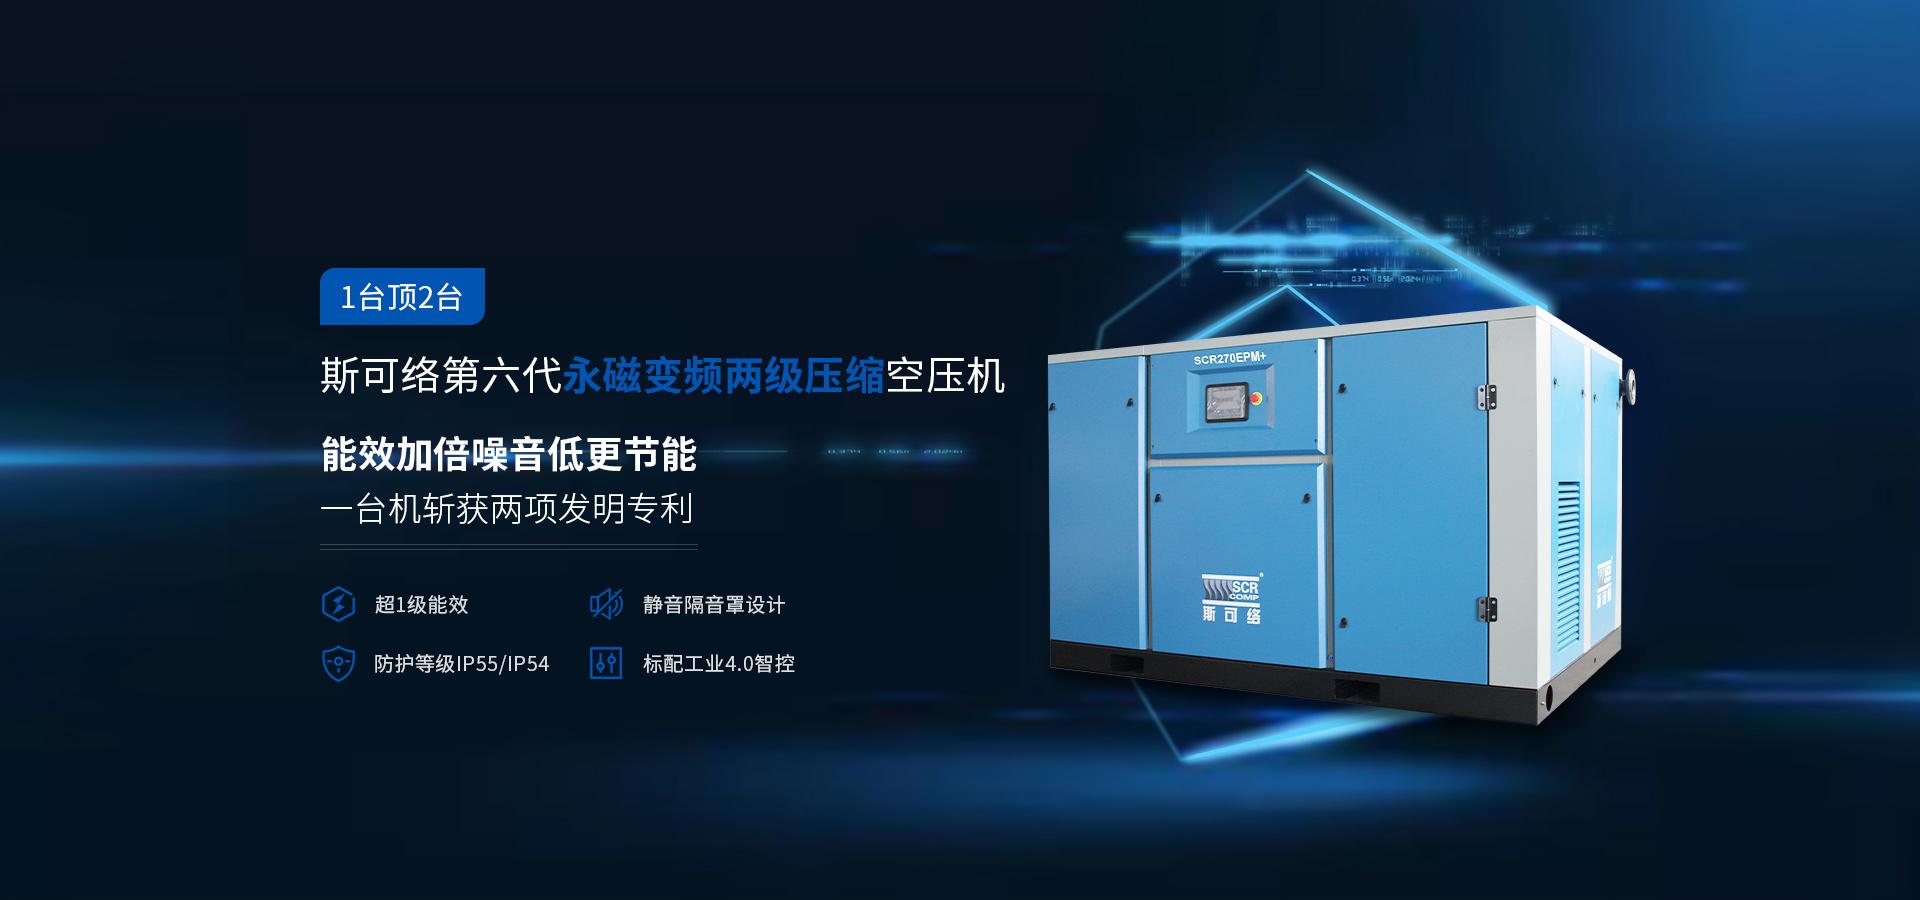 斯可络第六代永磁变频两级压缩空压机 能效加倍噪音低 更节能